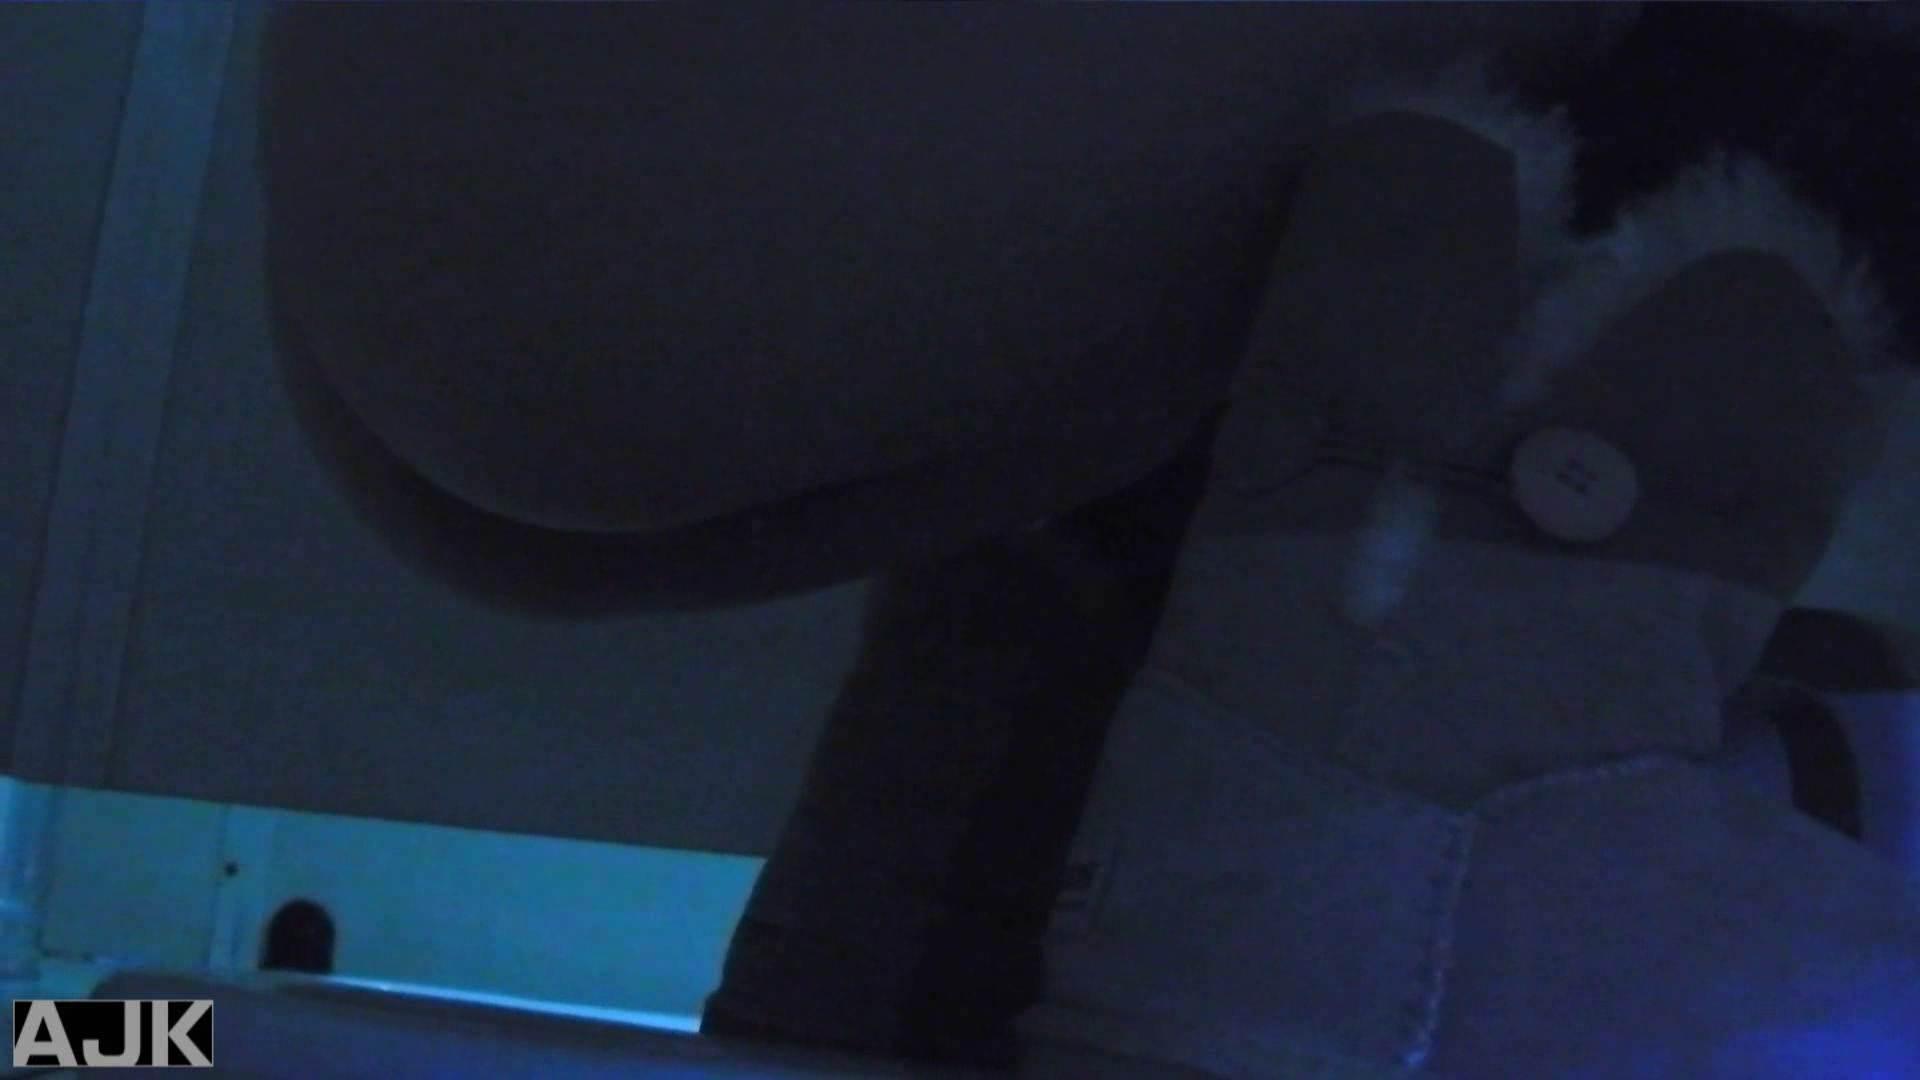 神降臨!史上最強の潜入かわや! vol.05 潜入突撃 | 美女丸裸  69pic 50